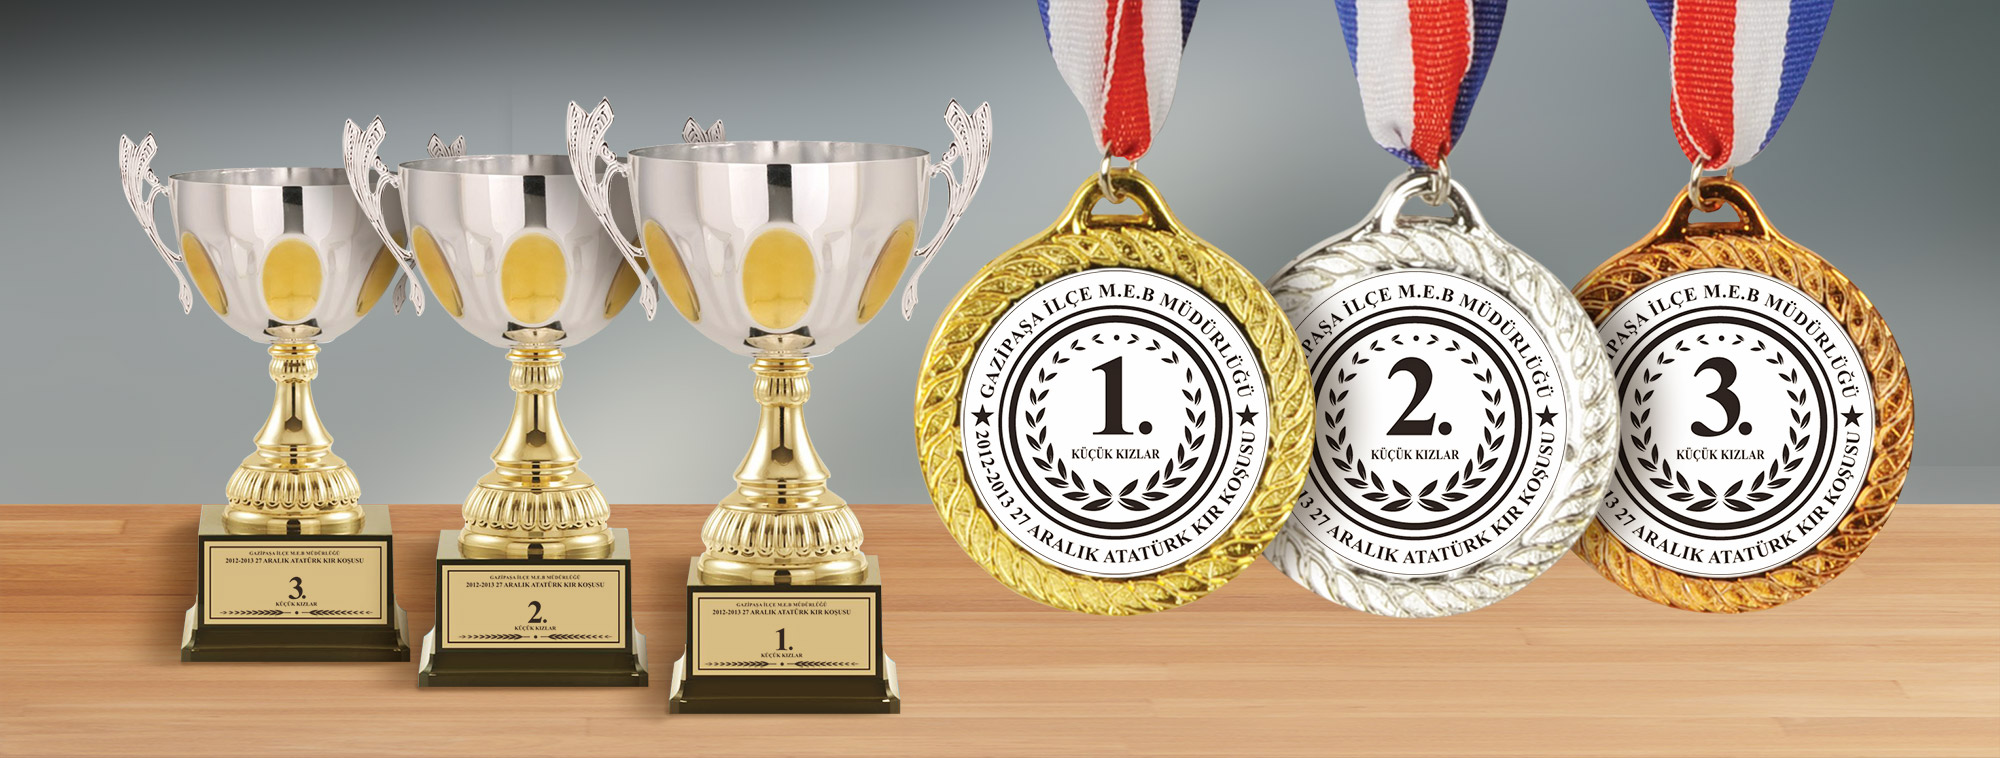 Kupa ve Madalya Tasarımı - Gazipaşa Milli Eğitim Müdürlüğü